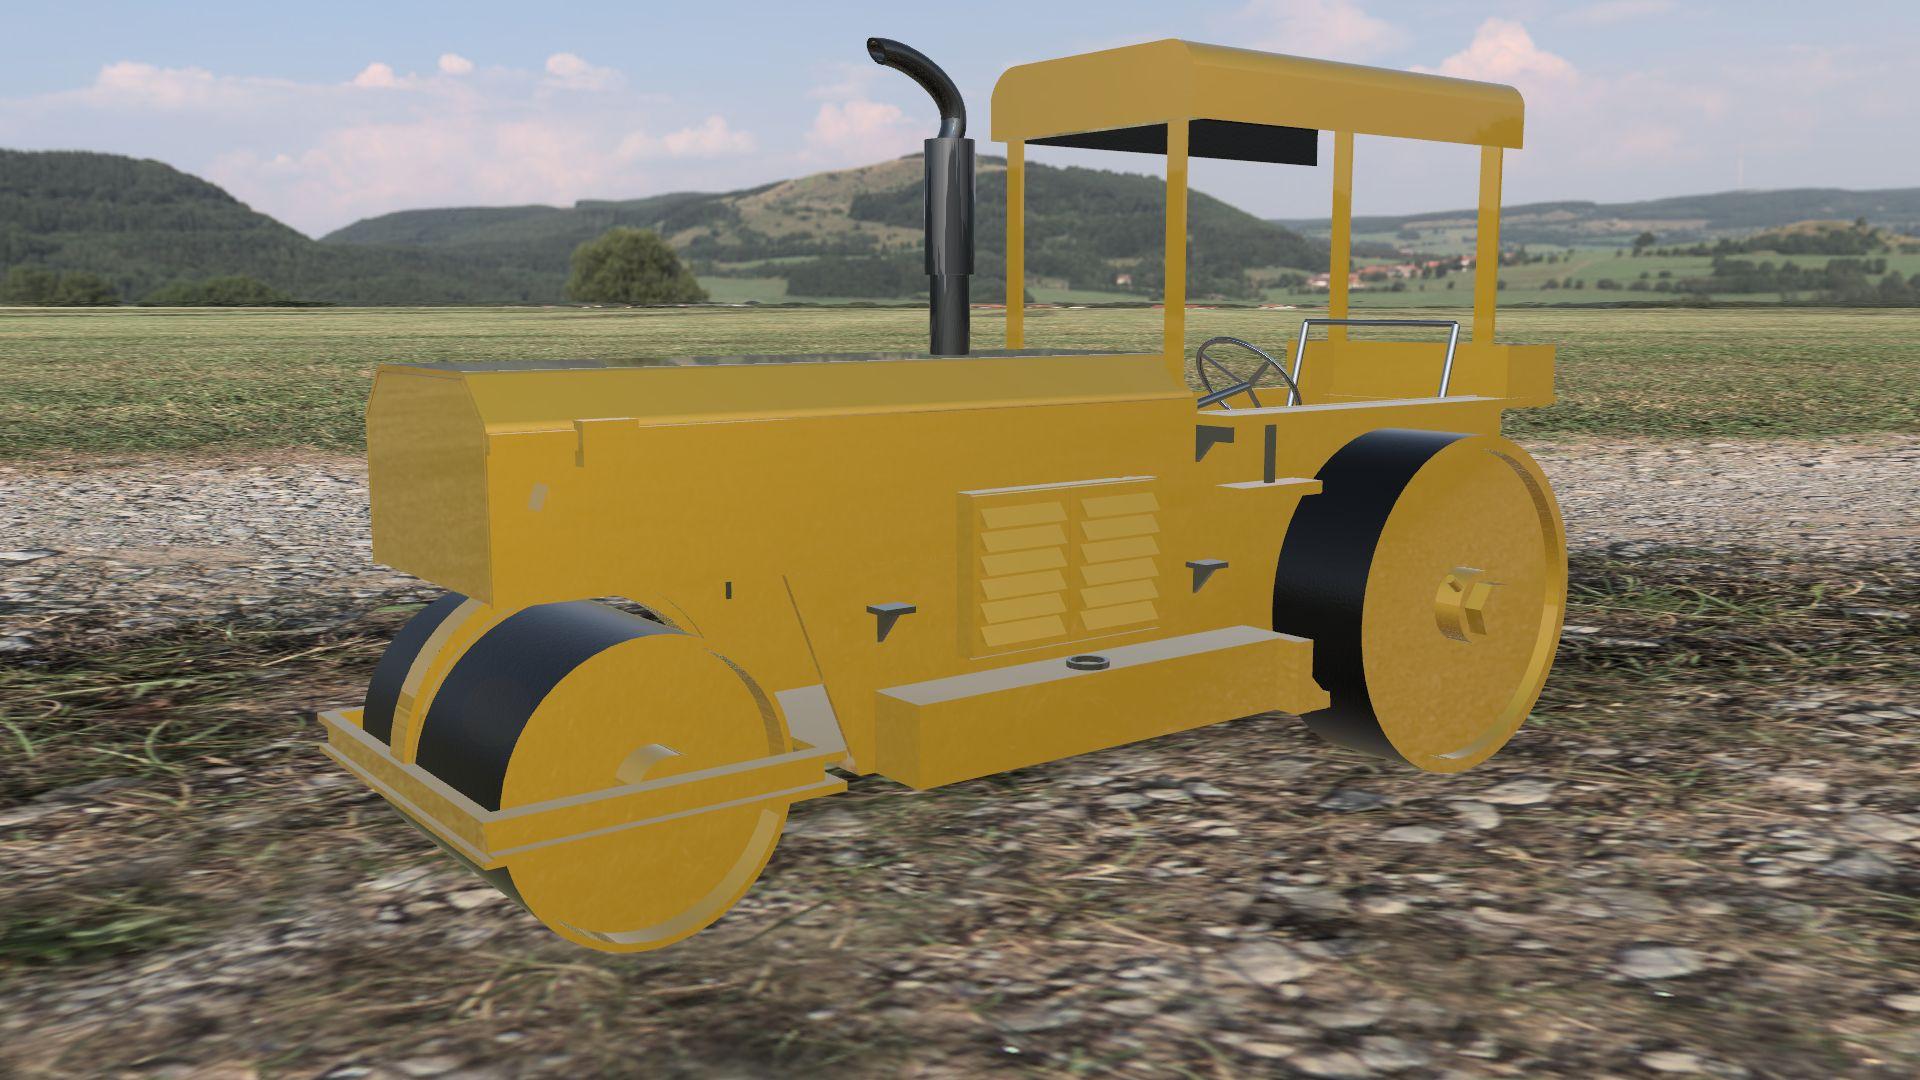 Road-roller-02-3500-3500